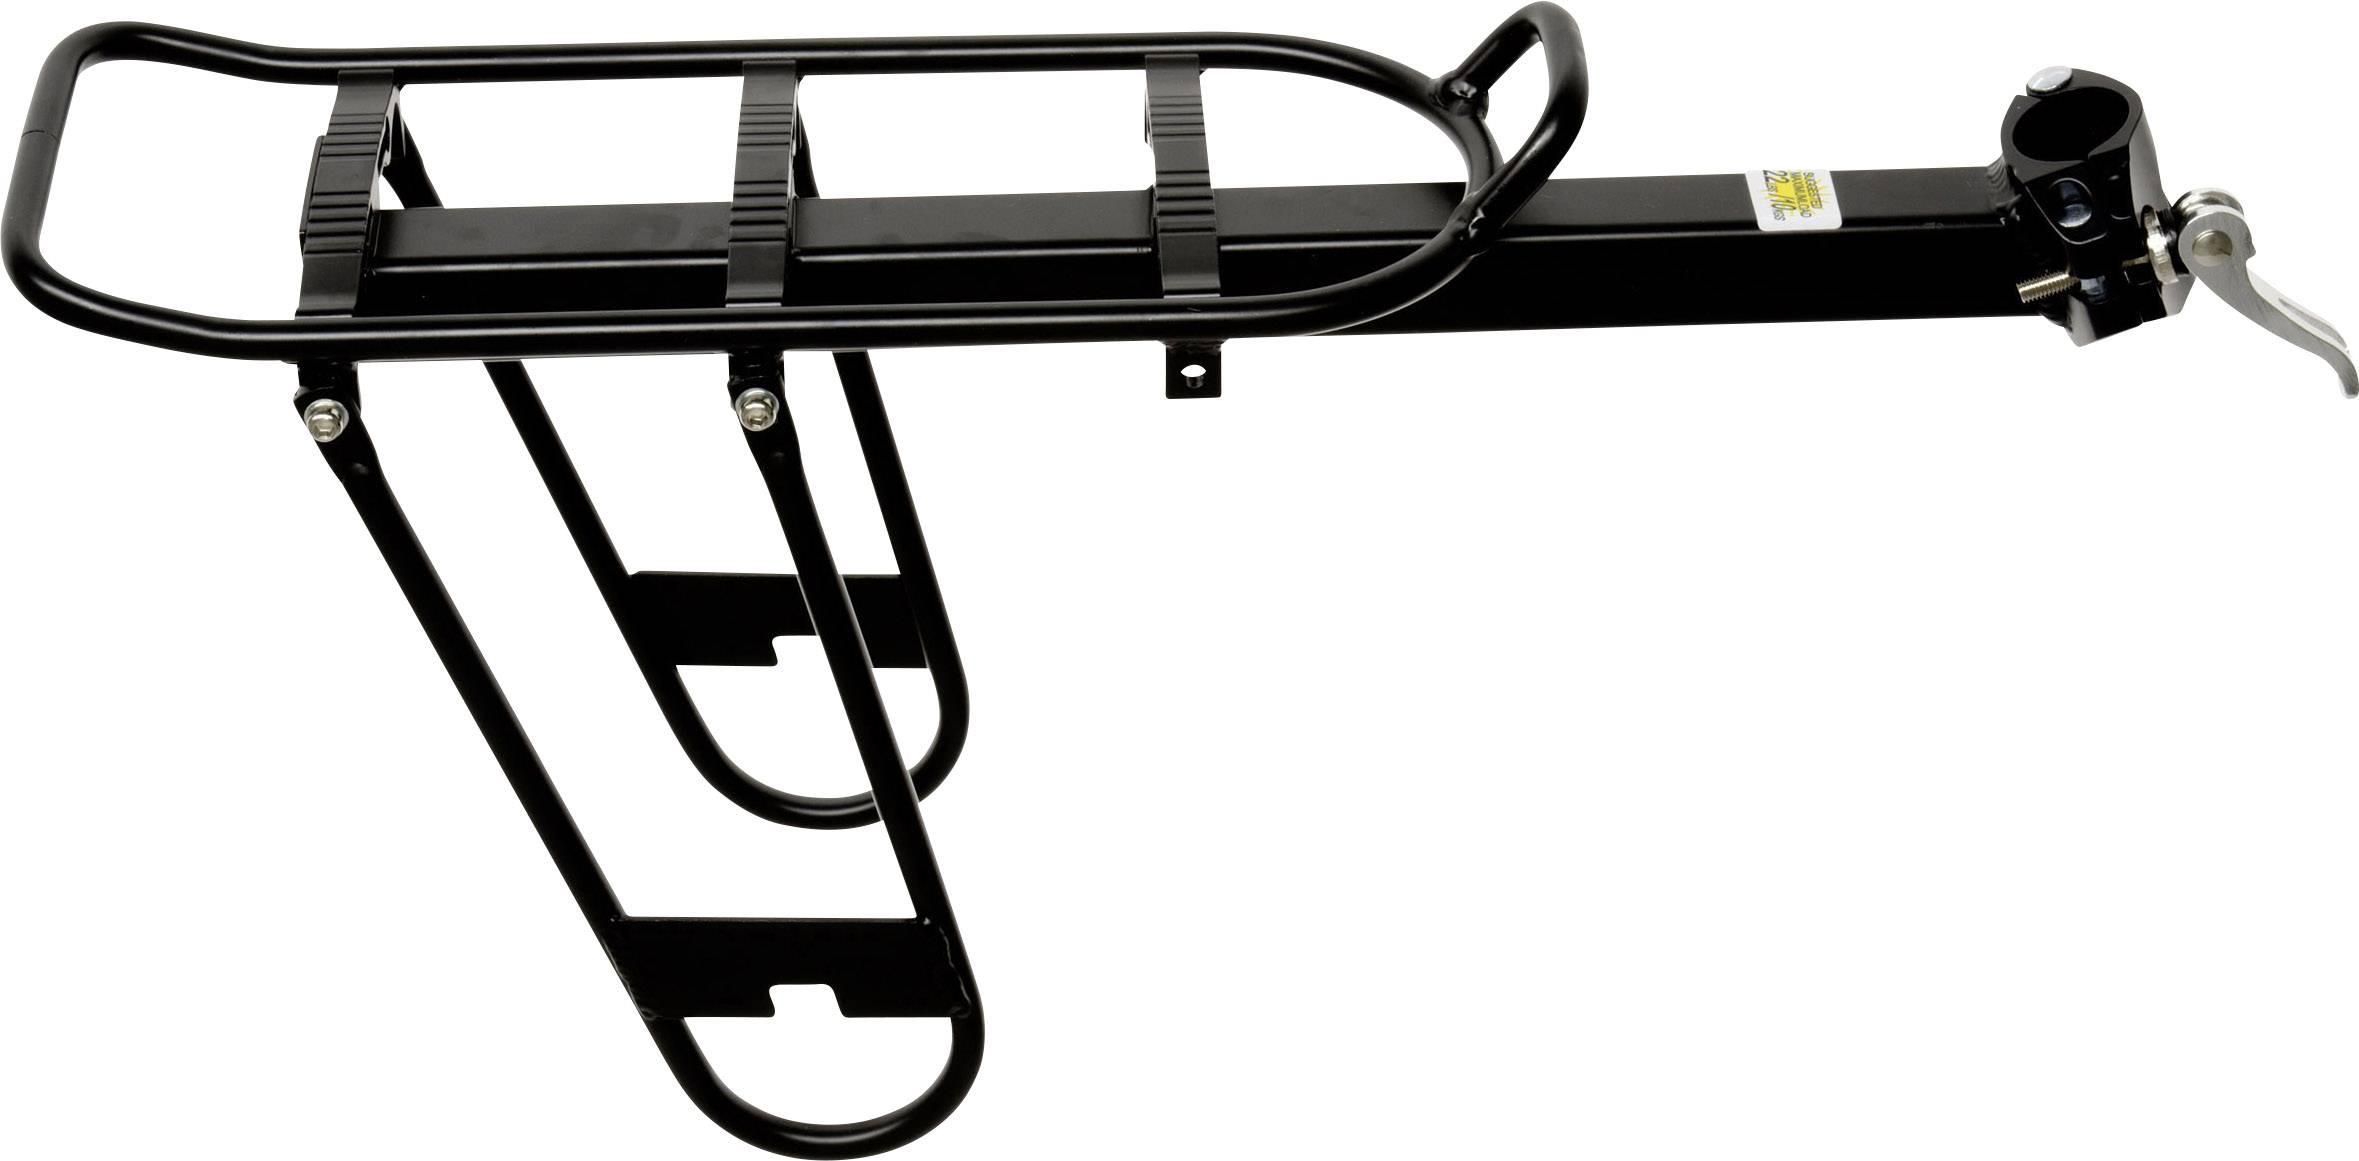 Portapacchi per bicicletta Point 5057200 Nero